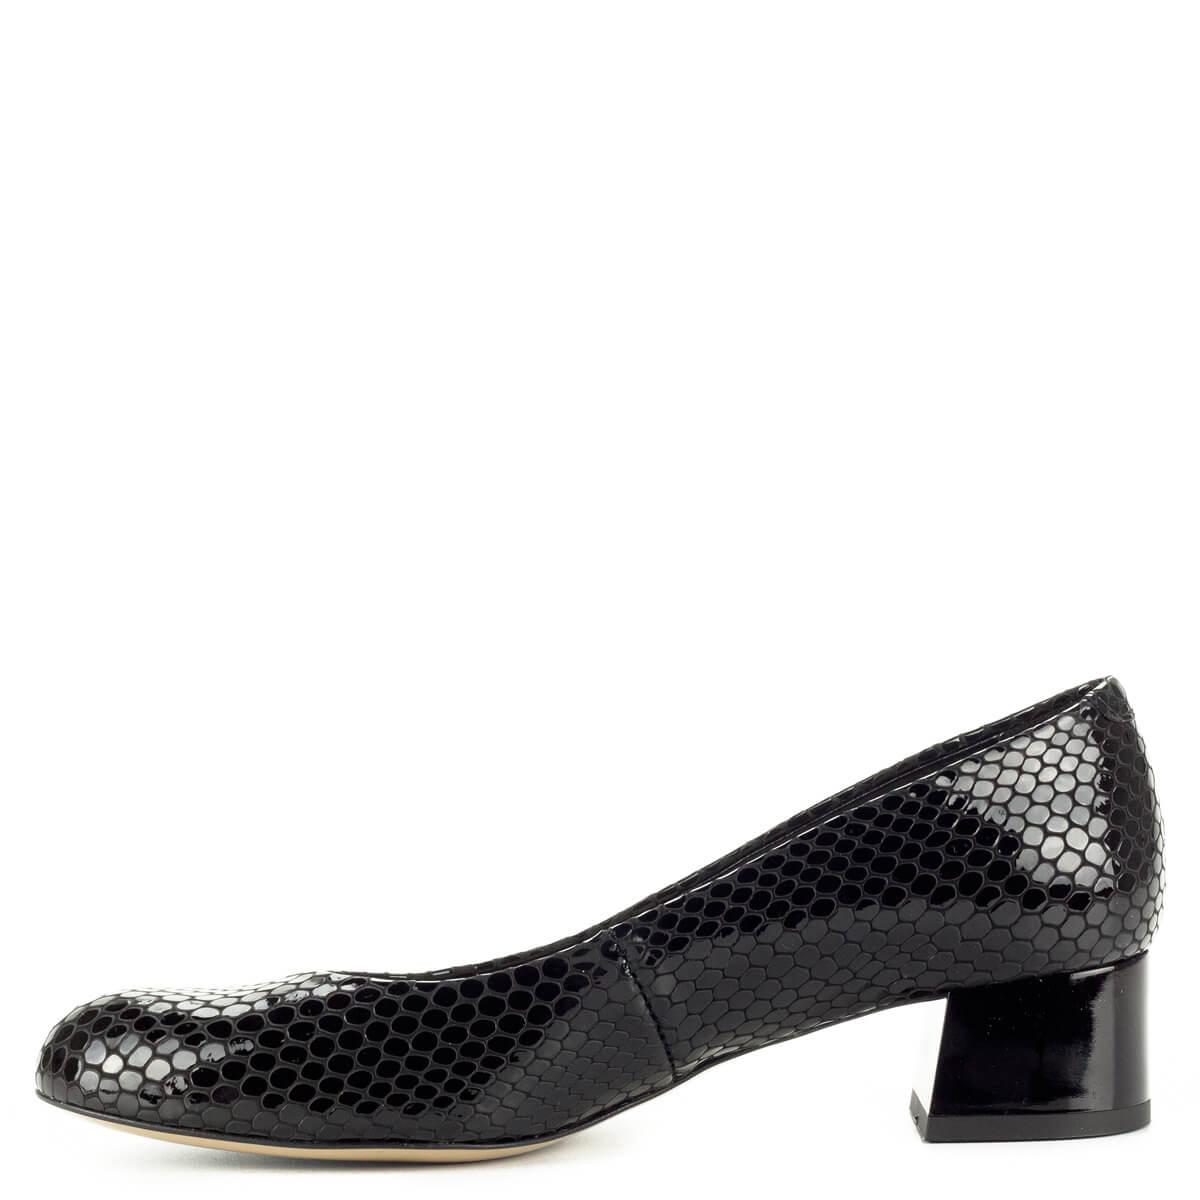 ... Fekete Kotyl lakk bőr cipő mintás felsőrésszel és bőr béléssel. Sarka  kb 4 cm magas ... 929eae8646